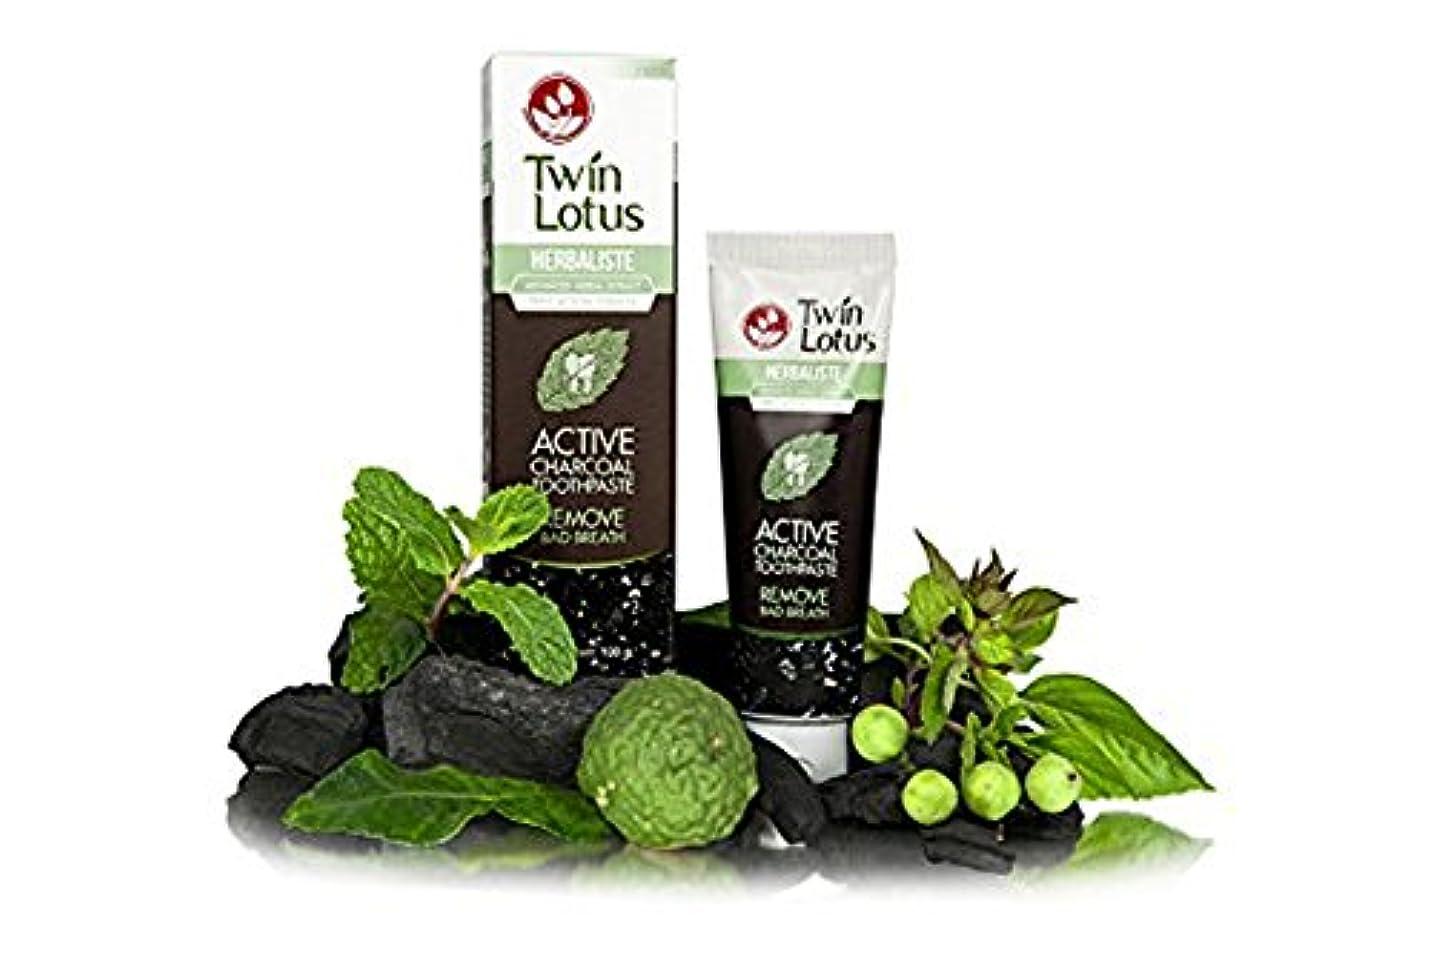 マイク放映散文練り歯磨き ハーブ 2 x 150g Twin Lotus Herbaliste Active Charcoal Advanced Herbal Extract Triple Action Formula Toothpaste.